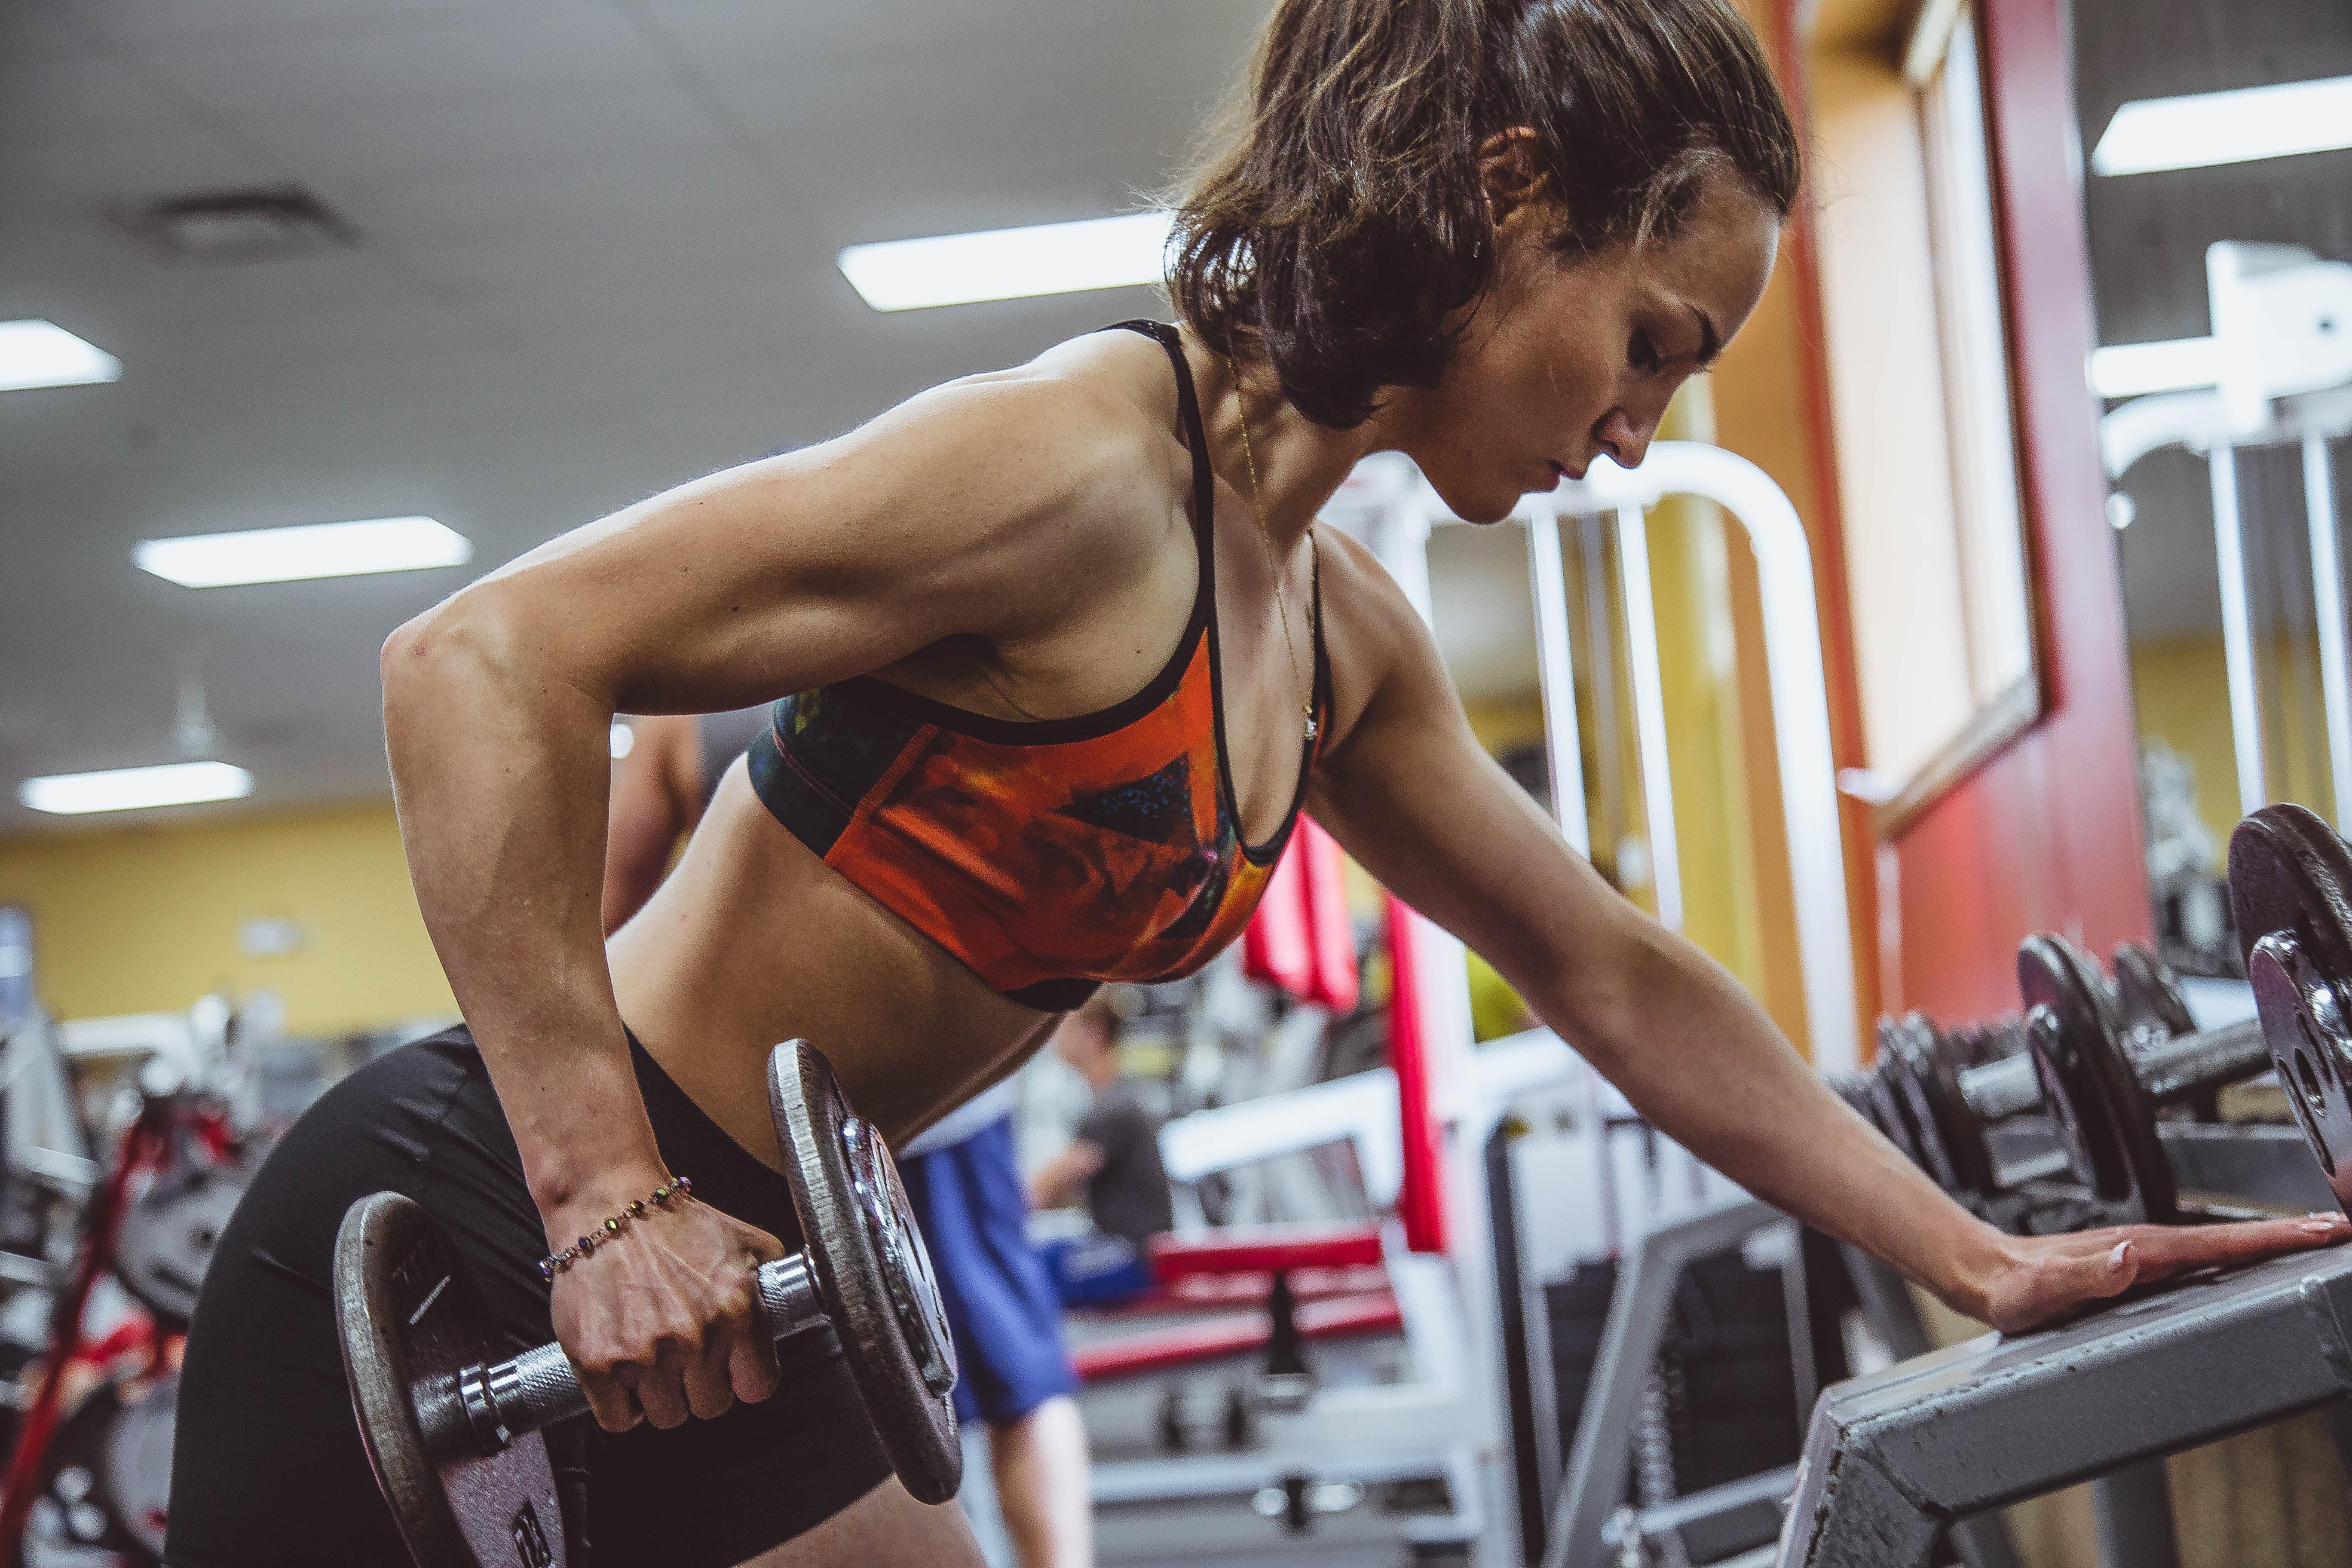 Как одеваться в спортзал? Почему одежда влияет на эффективность тренировок